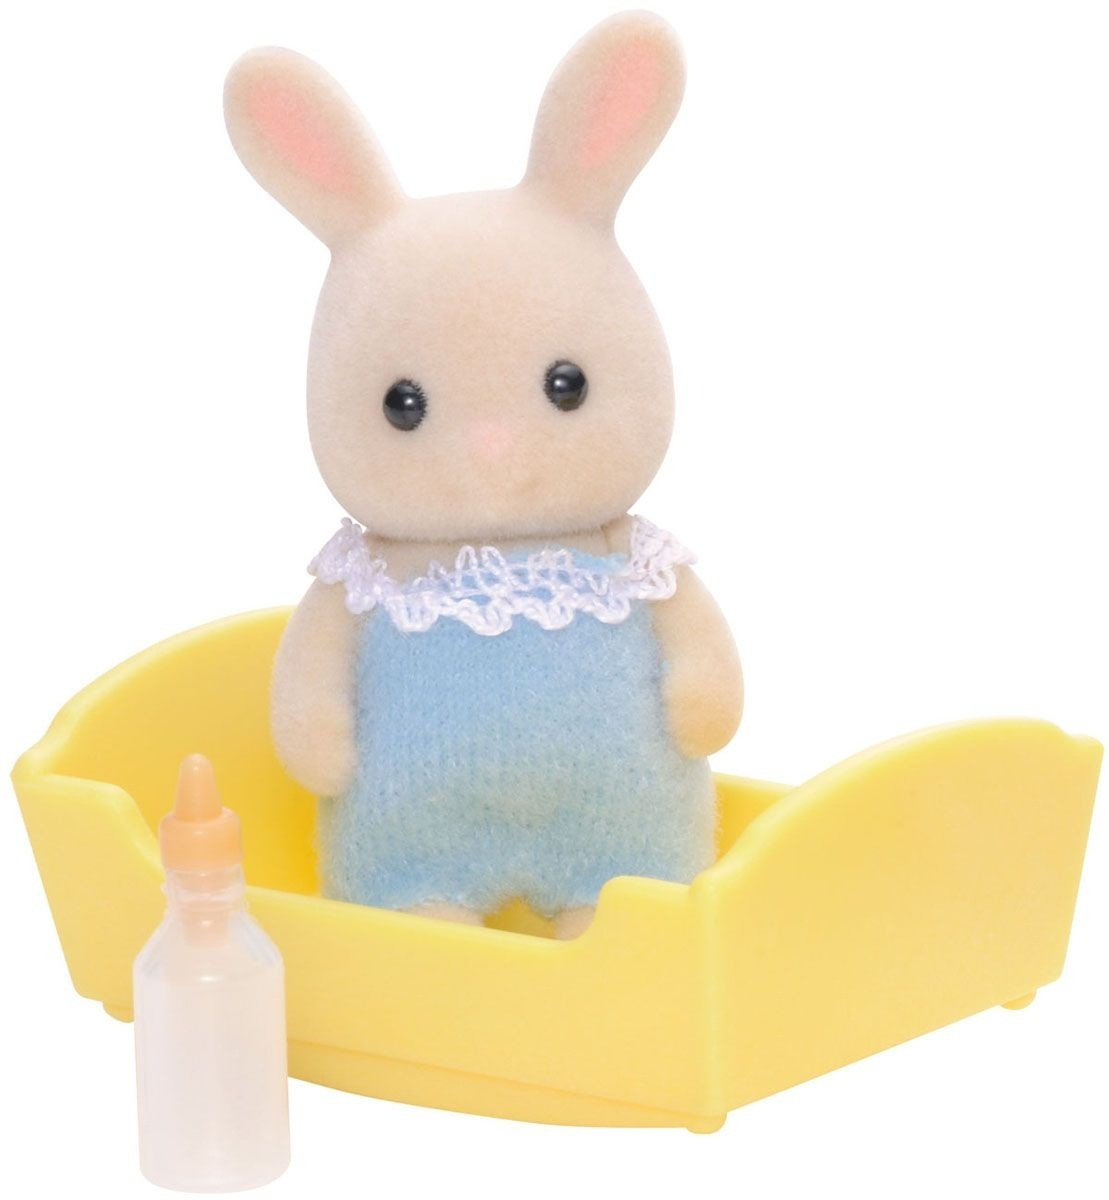 Набор Малыш Молочный КроликИгровой набор Sylvanian Families Малыш Молочный Кролик привлечет внимание вашей малышки и не позволит ей скучать. Набор включает в себя фигурку Молочного Кролика, одетого в голубой костюмчик, и аксессуары для него: желтую люльку и бутылочку для кормления. Фигурка животного выполнена из пластика и покрыта мягким приятным на ощупь флоком.Ваша малышка будет часами играть с набором, придумывая различные истории. Sylvanian Families - это целый мир маленьких жителей, объединенных общей легендой. Жители страны Sylvanian Families - это кролики, белки, медведи, лисы и многие другие. У каждого из них есть дом, в котором есть все необходимое для счастливой жизни. В городе, где живут герои, есть школа, больница, рынок, пекарня, детский сад и множество других полезных объектов. Жители этой страны живут семьями, в каждой из которой есть дети. В домах Sylvanian Families царит уют и гармония. Домашние животные радуют хозяев. Здесь продумана каждая мелочь, от одежды до мебели и аксессуаров. Характеристики: Материал: пластик, текстиль.Высота фигурки: 4,5 см.<br>